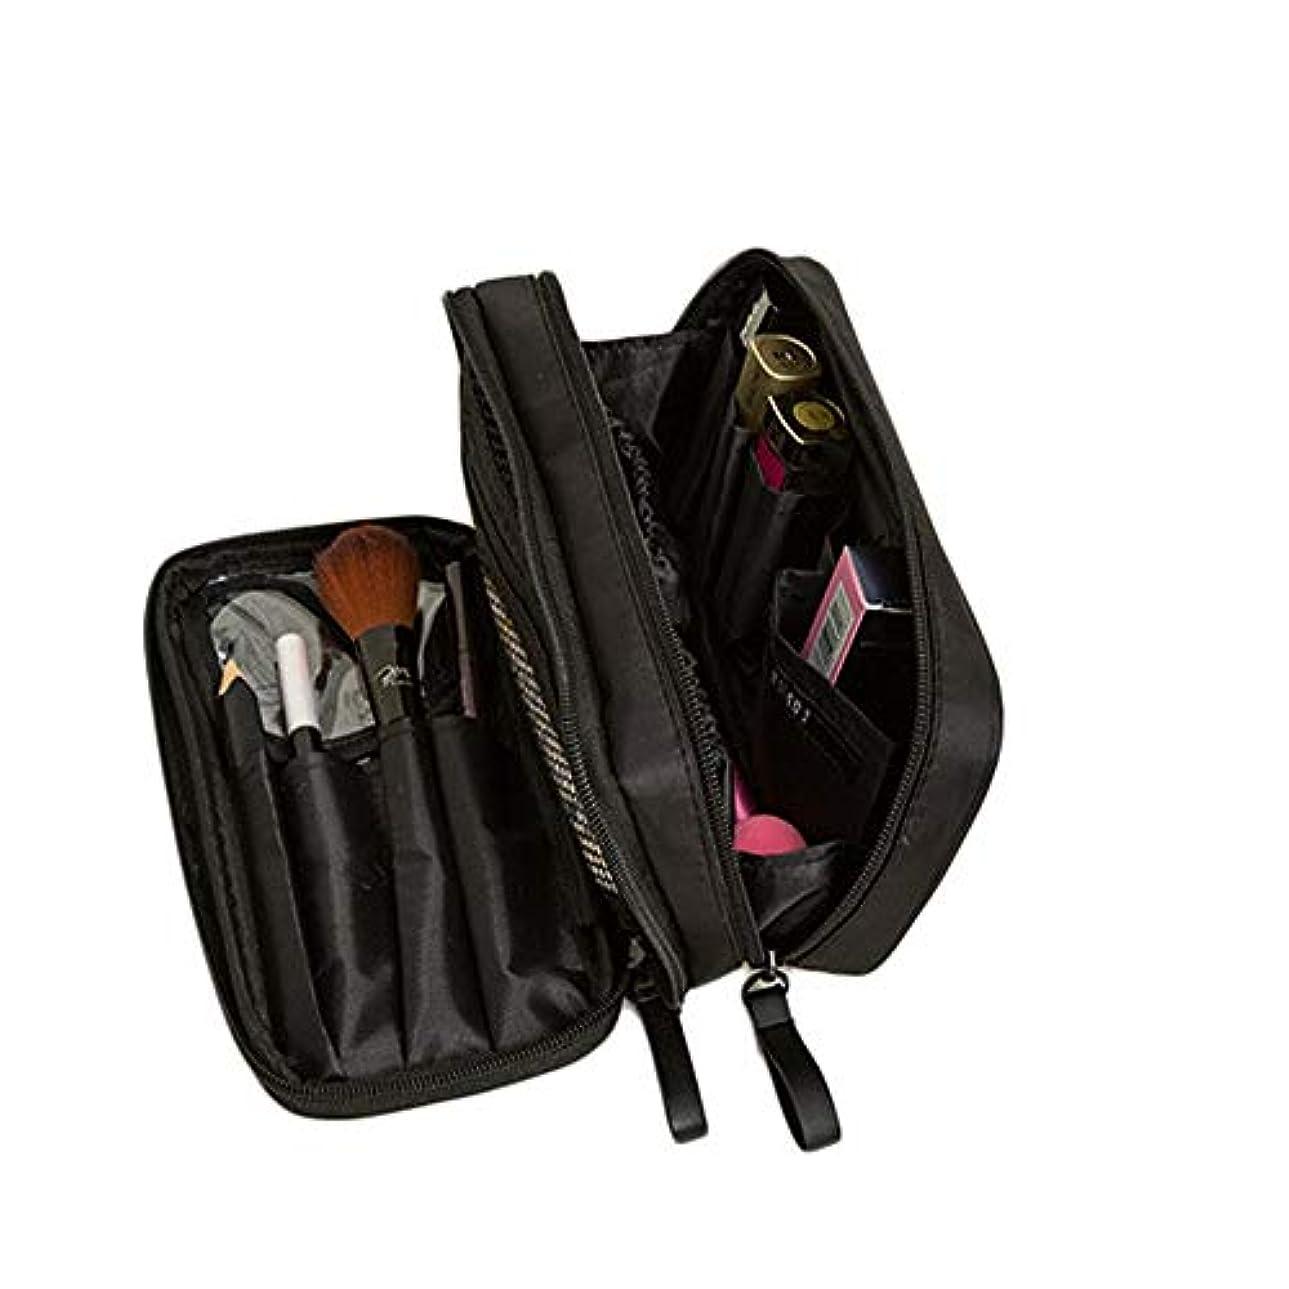 ニューススキル不完全な特大スペース収納ビューティーボックス 携帯用化粧品袋、専門の化粧品袋の札入れの旅行者の密集した二重層化粧品/化粧品のブラシ袋の女性、旅行/電車セットの貯蔵袋。 化粧品化粧台 (色 : ブラック)